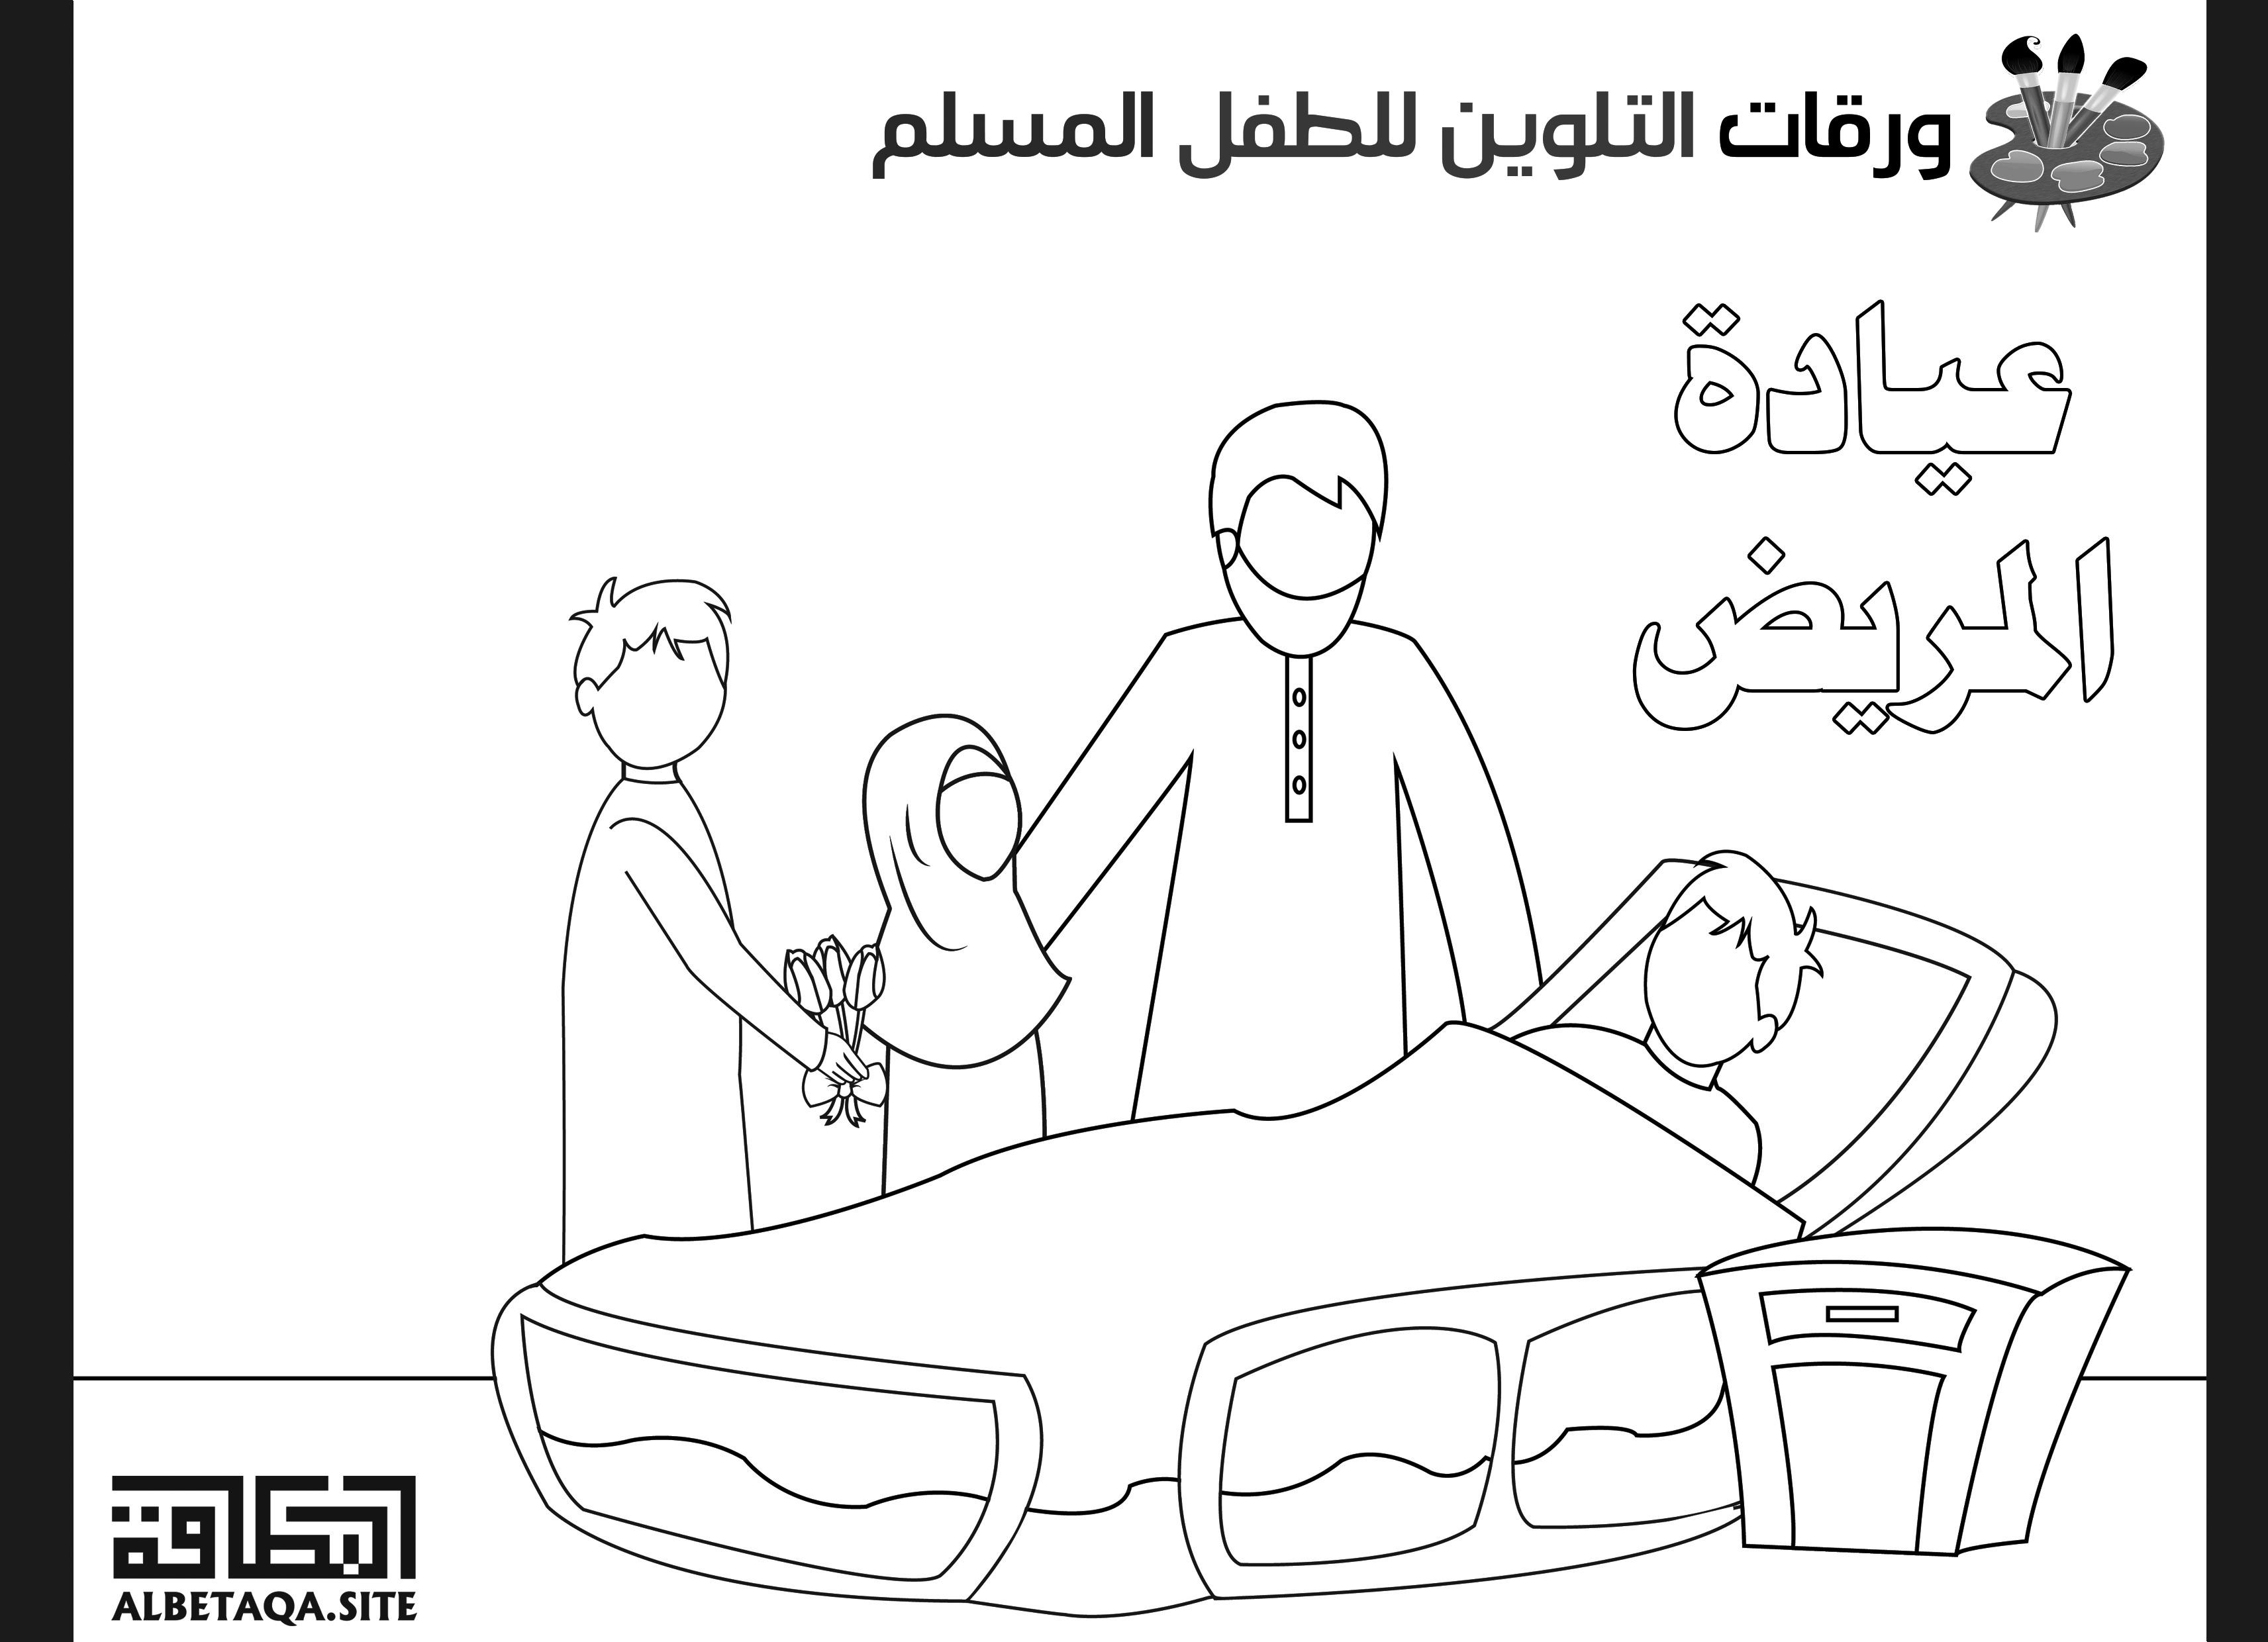 ورقات التلوين للطفل المسلم عيادة المريض موقع البطاقة الدعوي